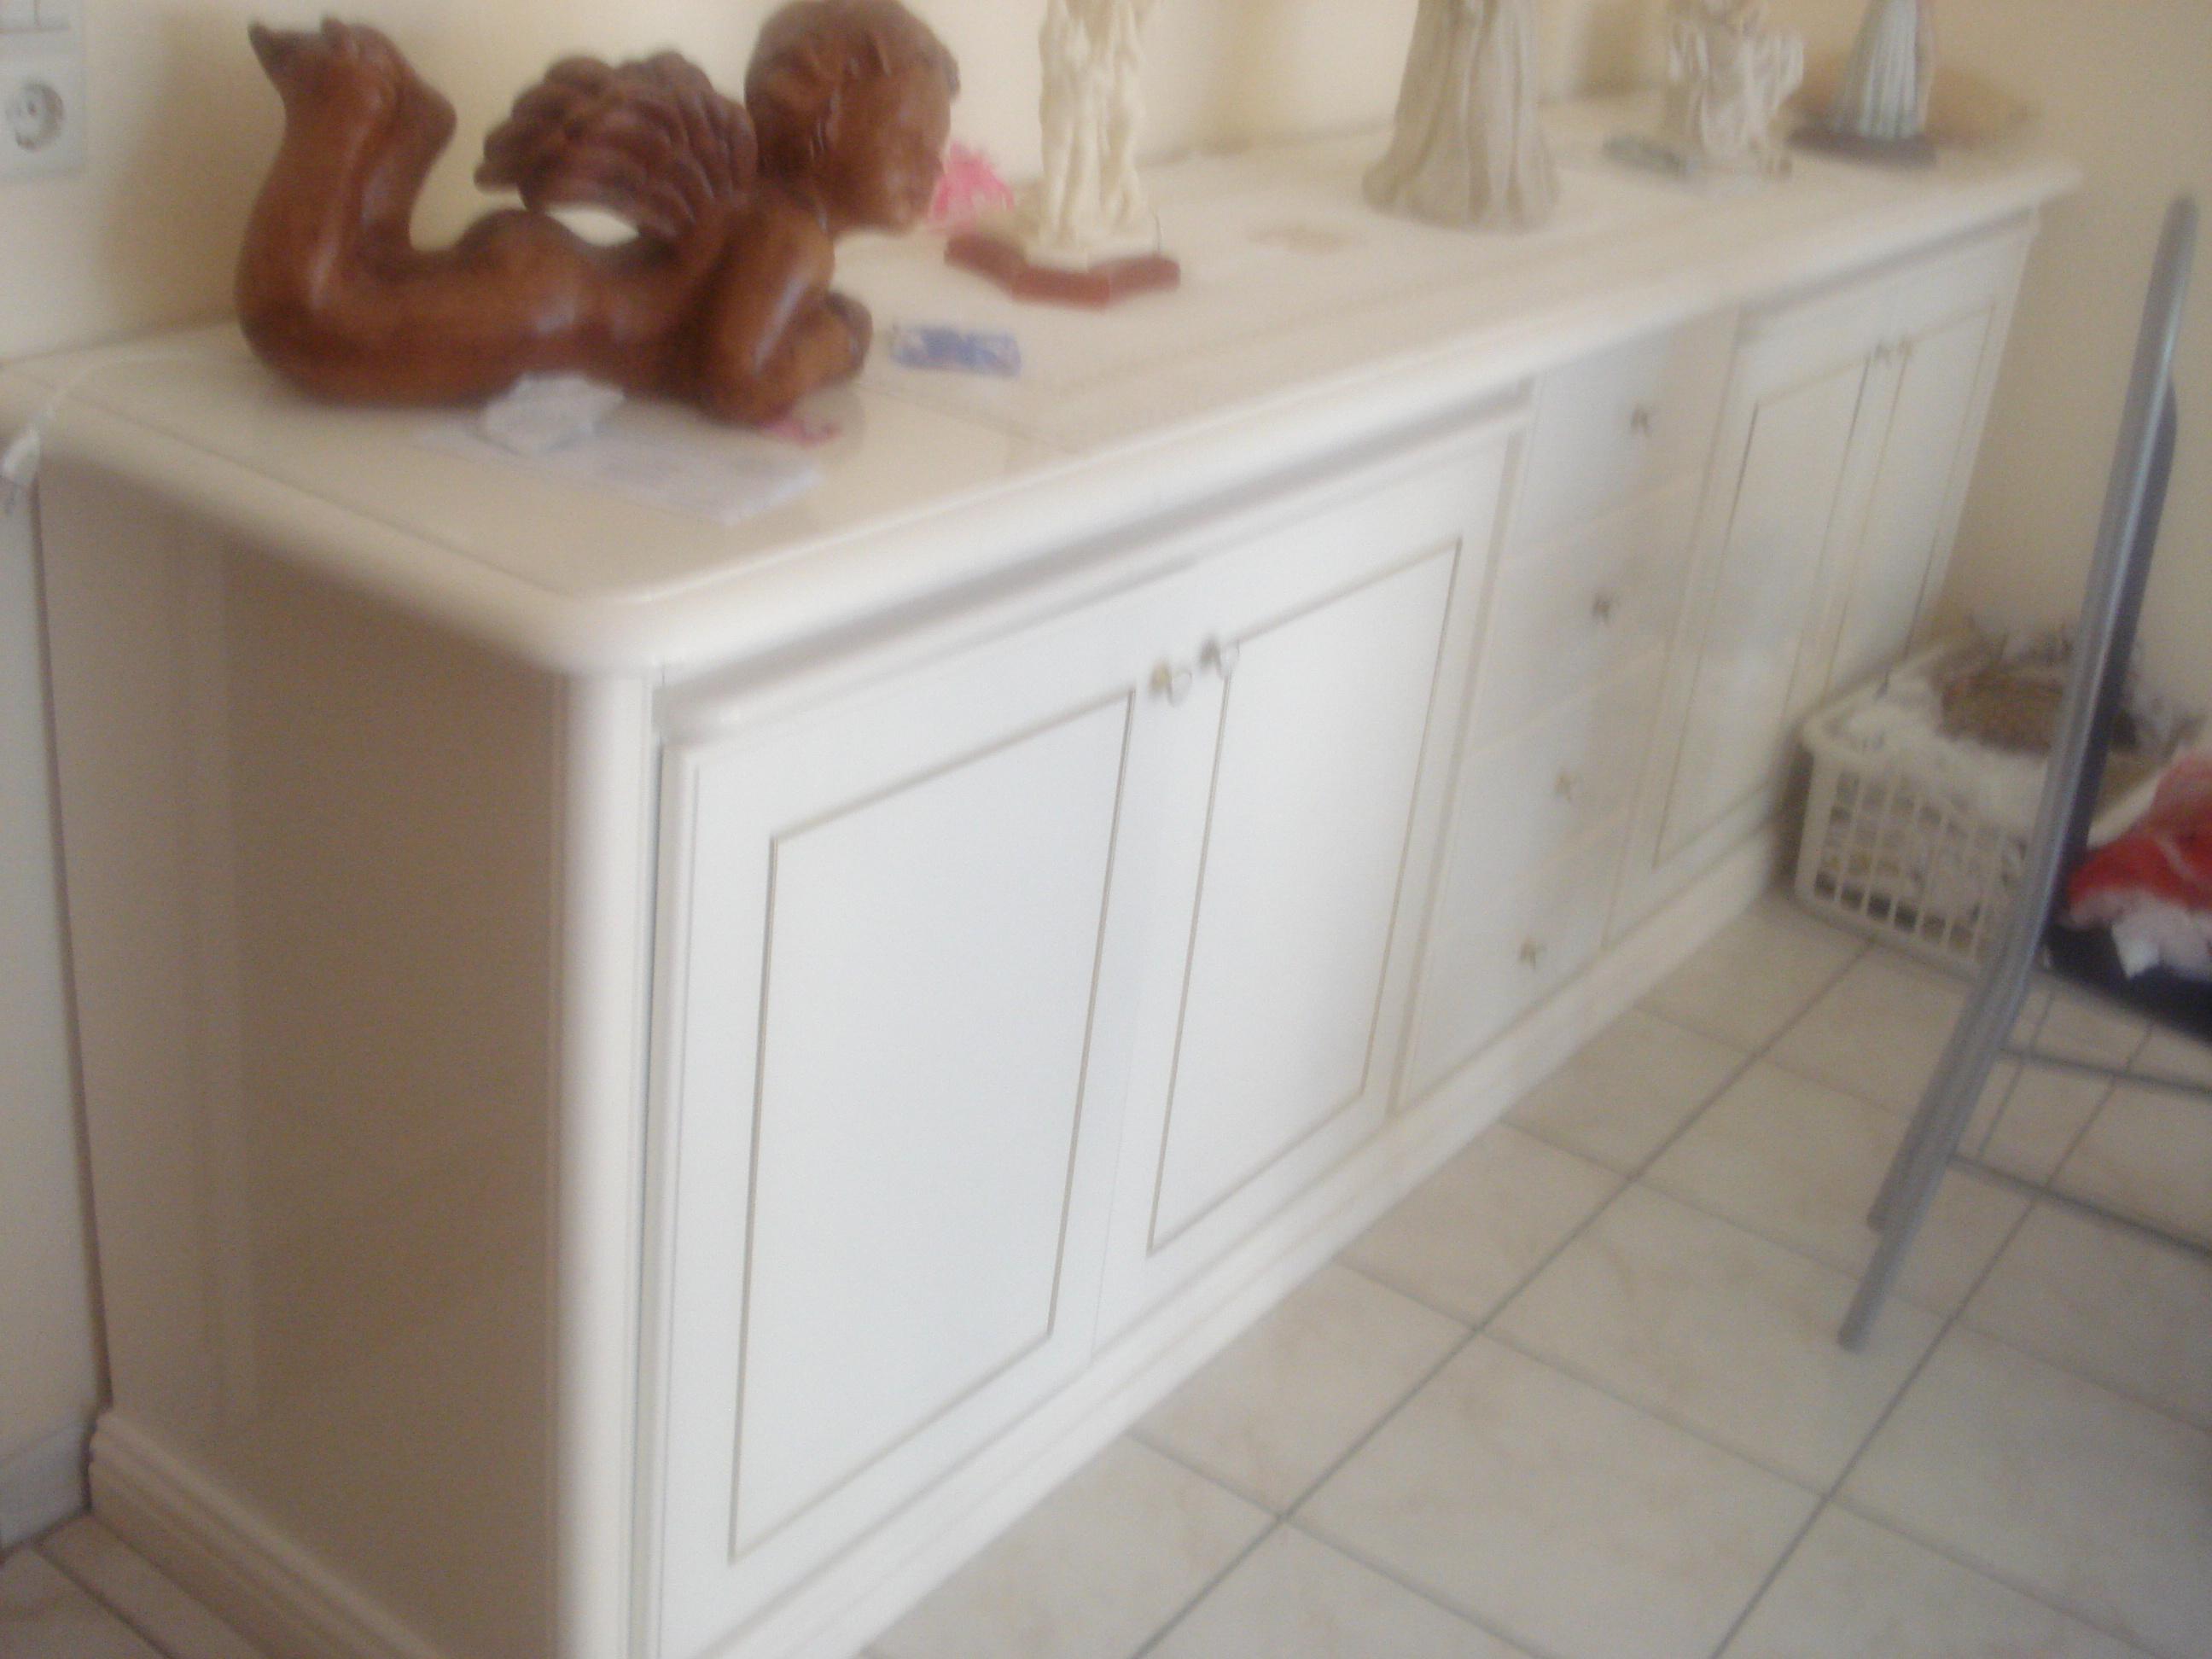 italienische vitrine mit sideboard in bad s ckingen m bel und haushalt kleinanzeigen. Black Bedroom Furniture Sets. Home Design Ideas